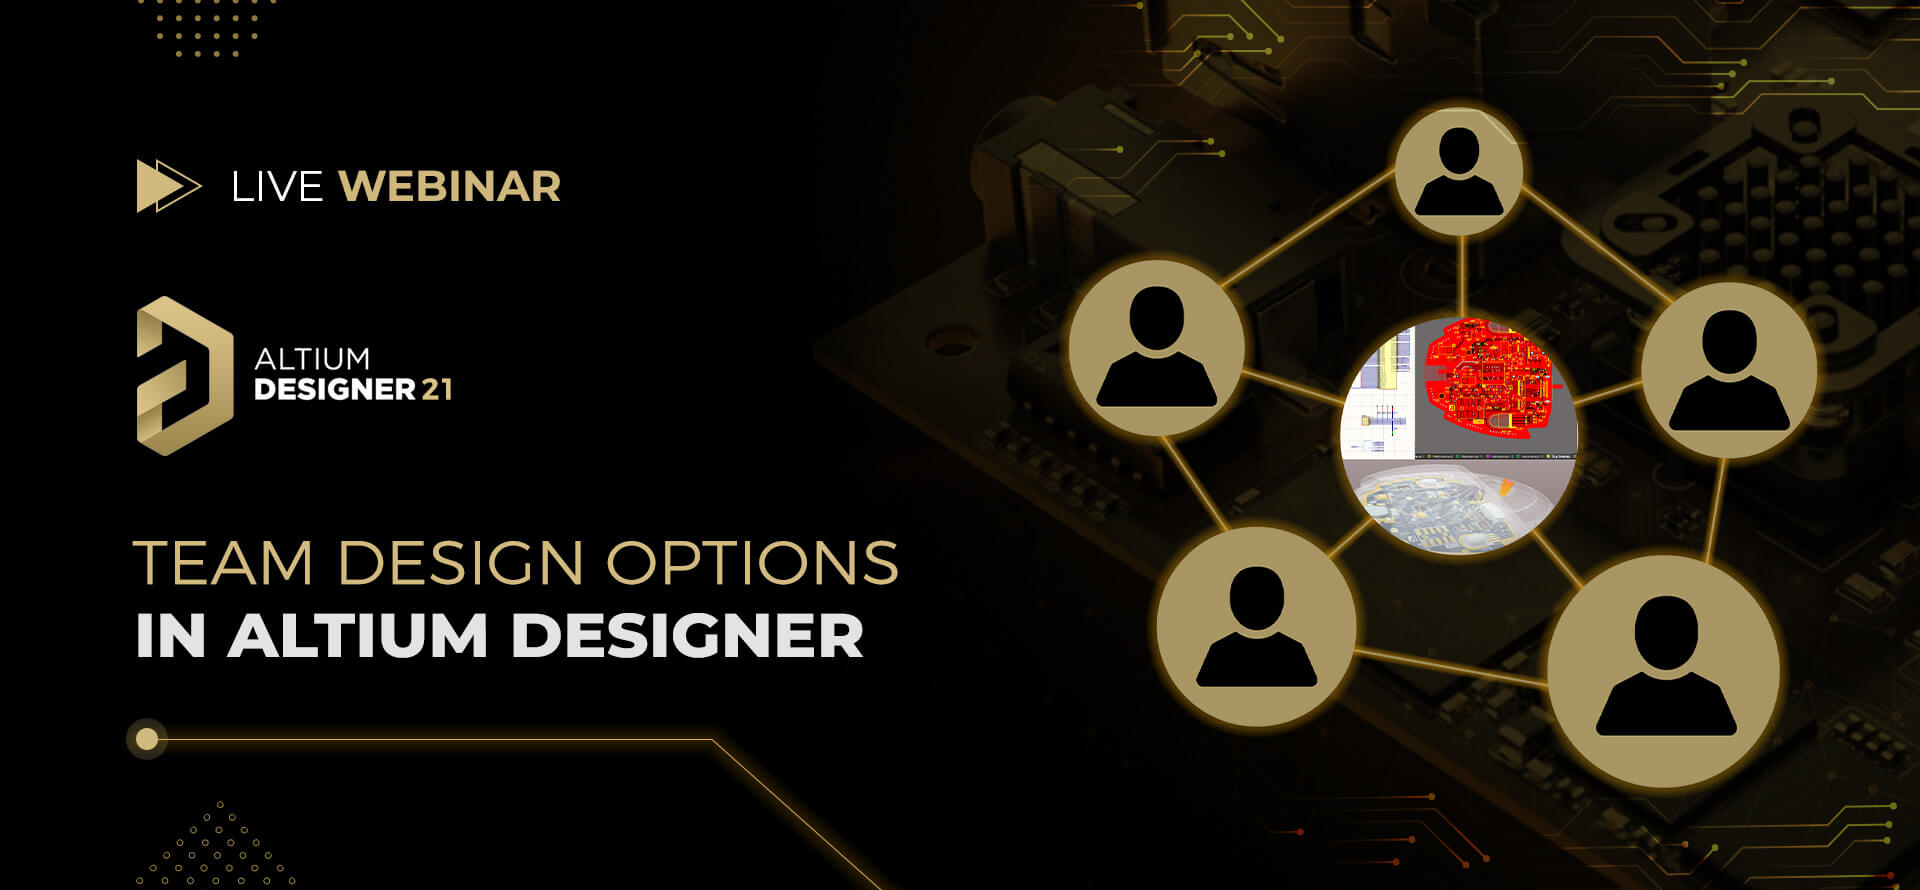 Altium Designer 20 features